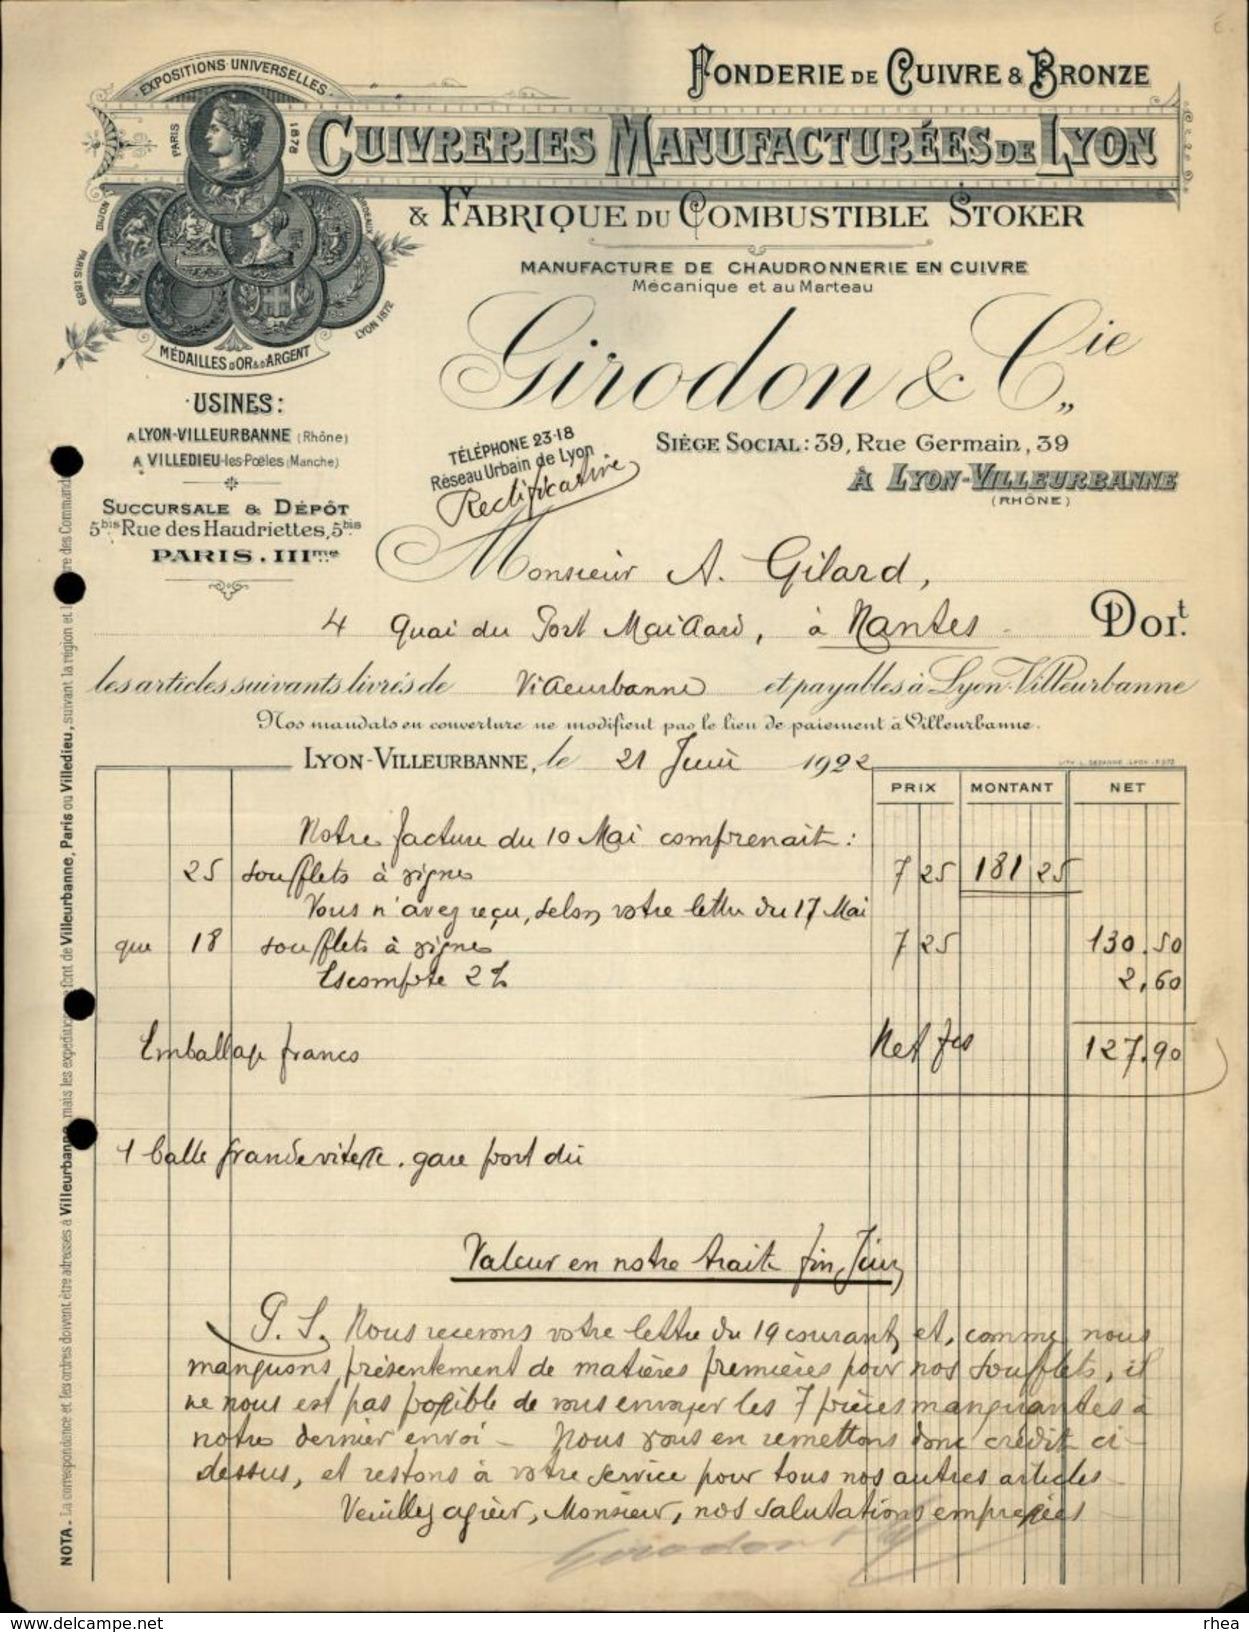 69 - LYON - Facture - Fonderie De Cuivre Et Bronze - Cuivreries - Girodon & Cie - 1922 - Agriculture